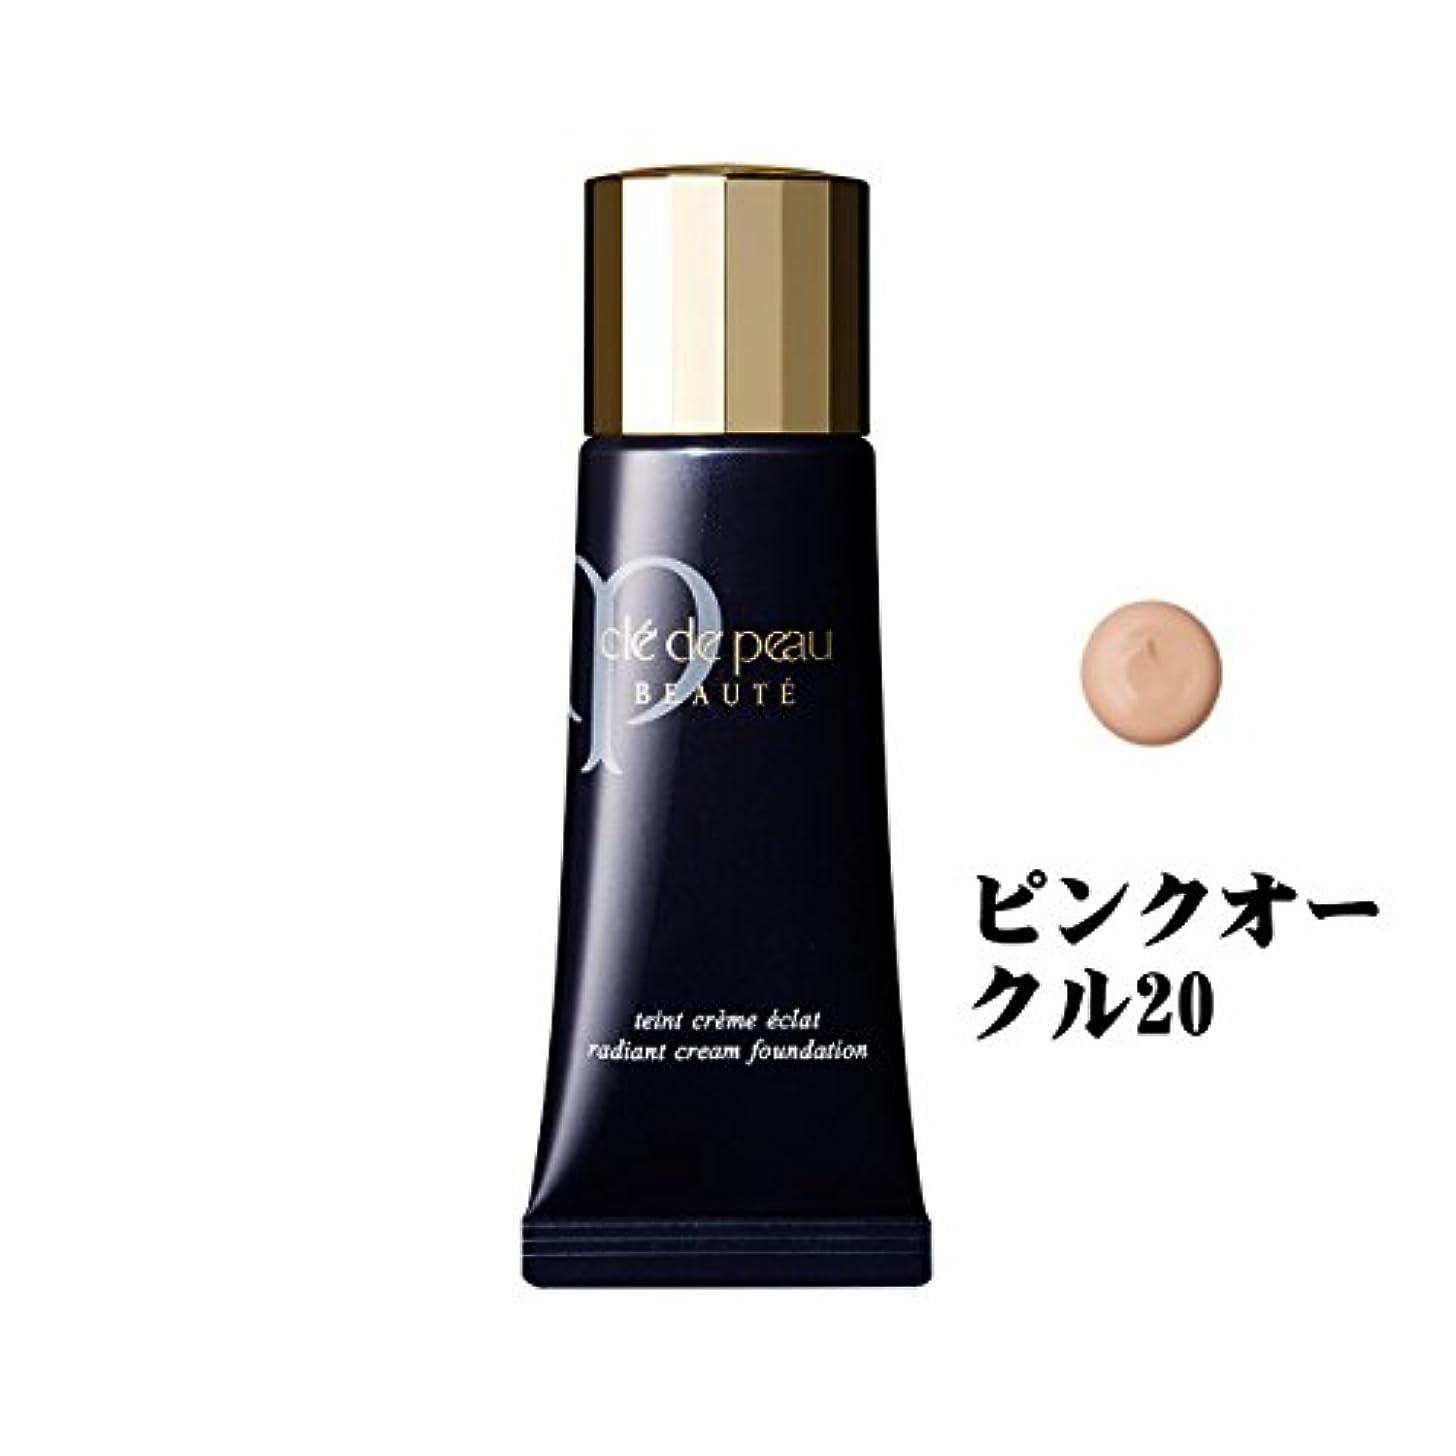 被害者放送資生堂/shiseido クレドポーボーテ/CPB タンクレームエクラ クリームタイプ SPF25?PA++ ピンクオークル20